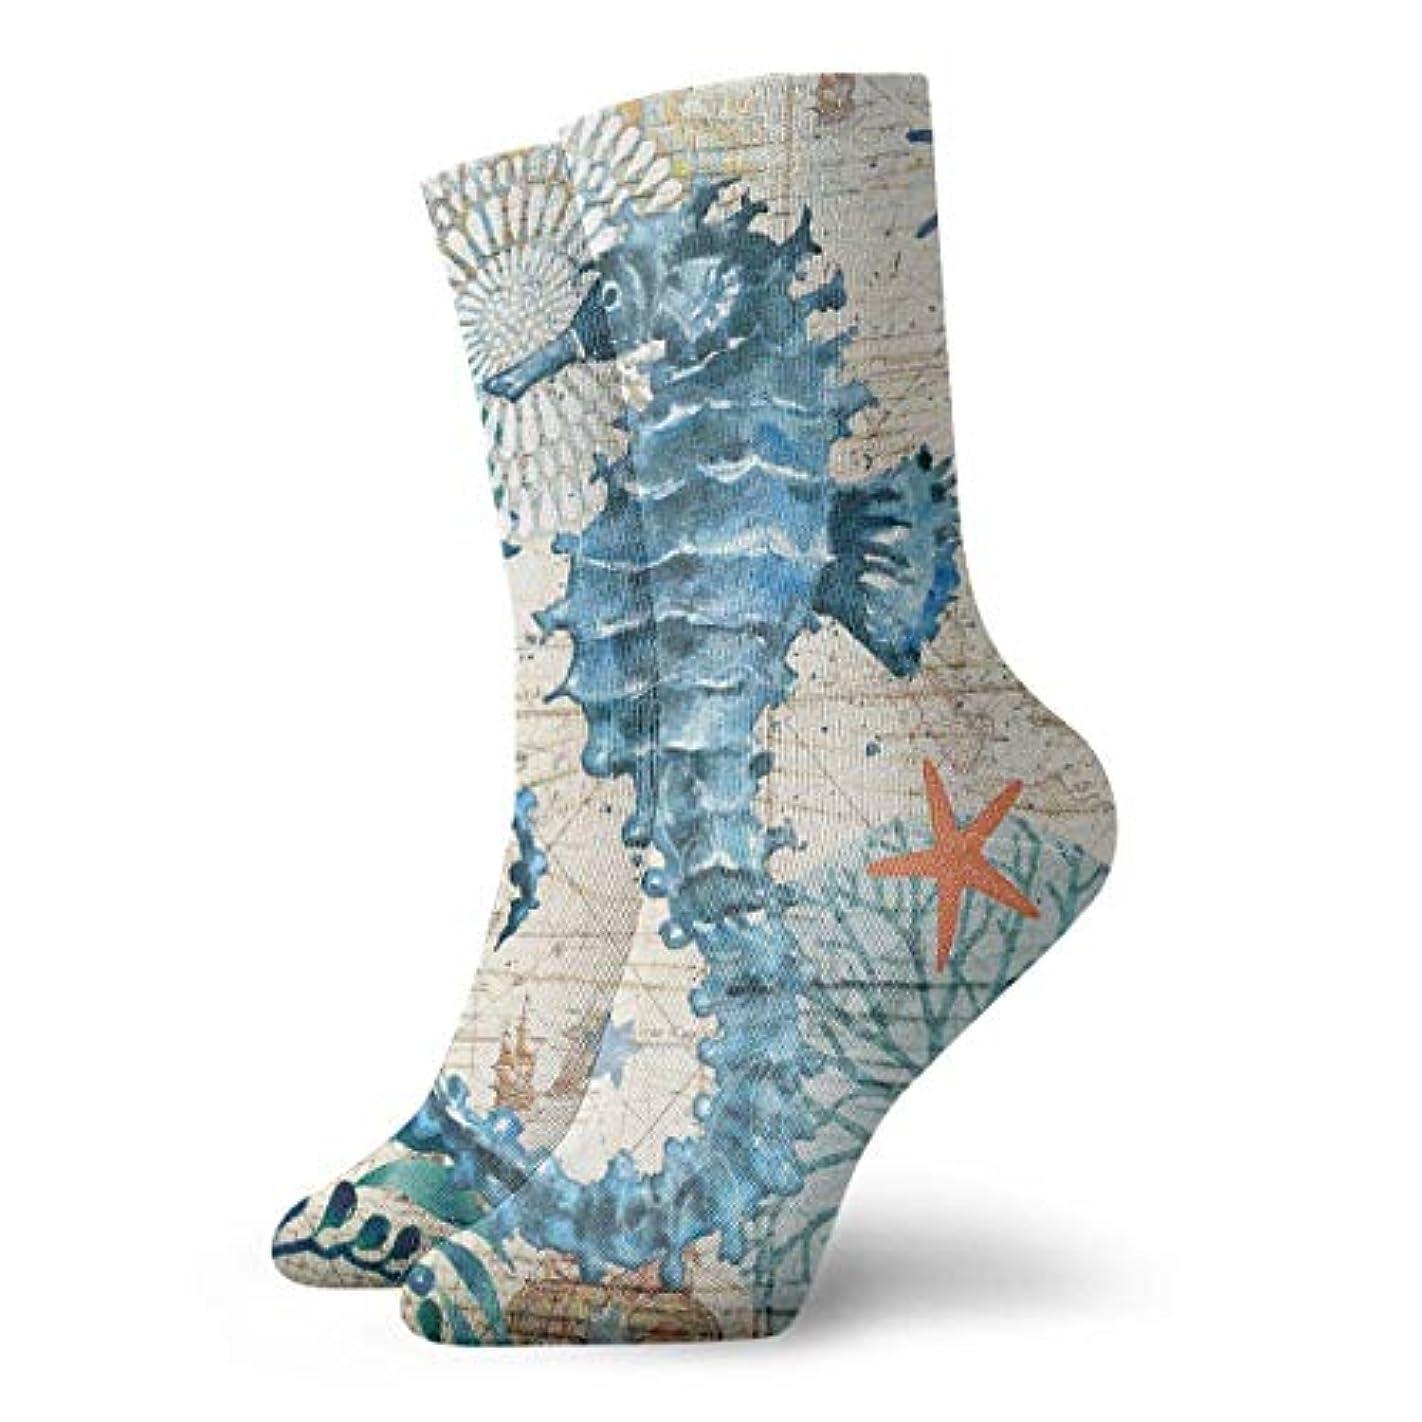 ヒゲクジラ連続的製造業クルーザーユニセックスカラフルドレスソックス、オールド海海馬、冬ソフトコージー暖かい靴下かわいい面白いクルーコットンソックス1パック